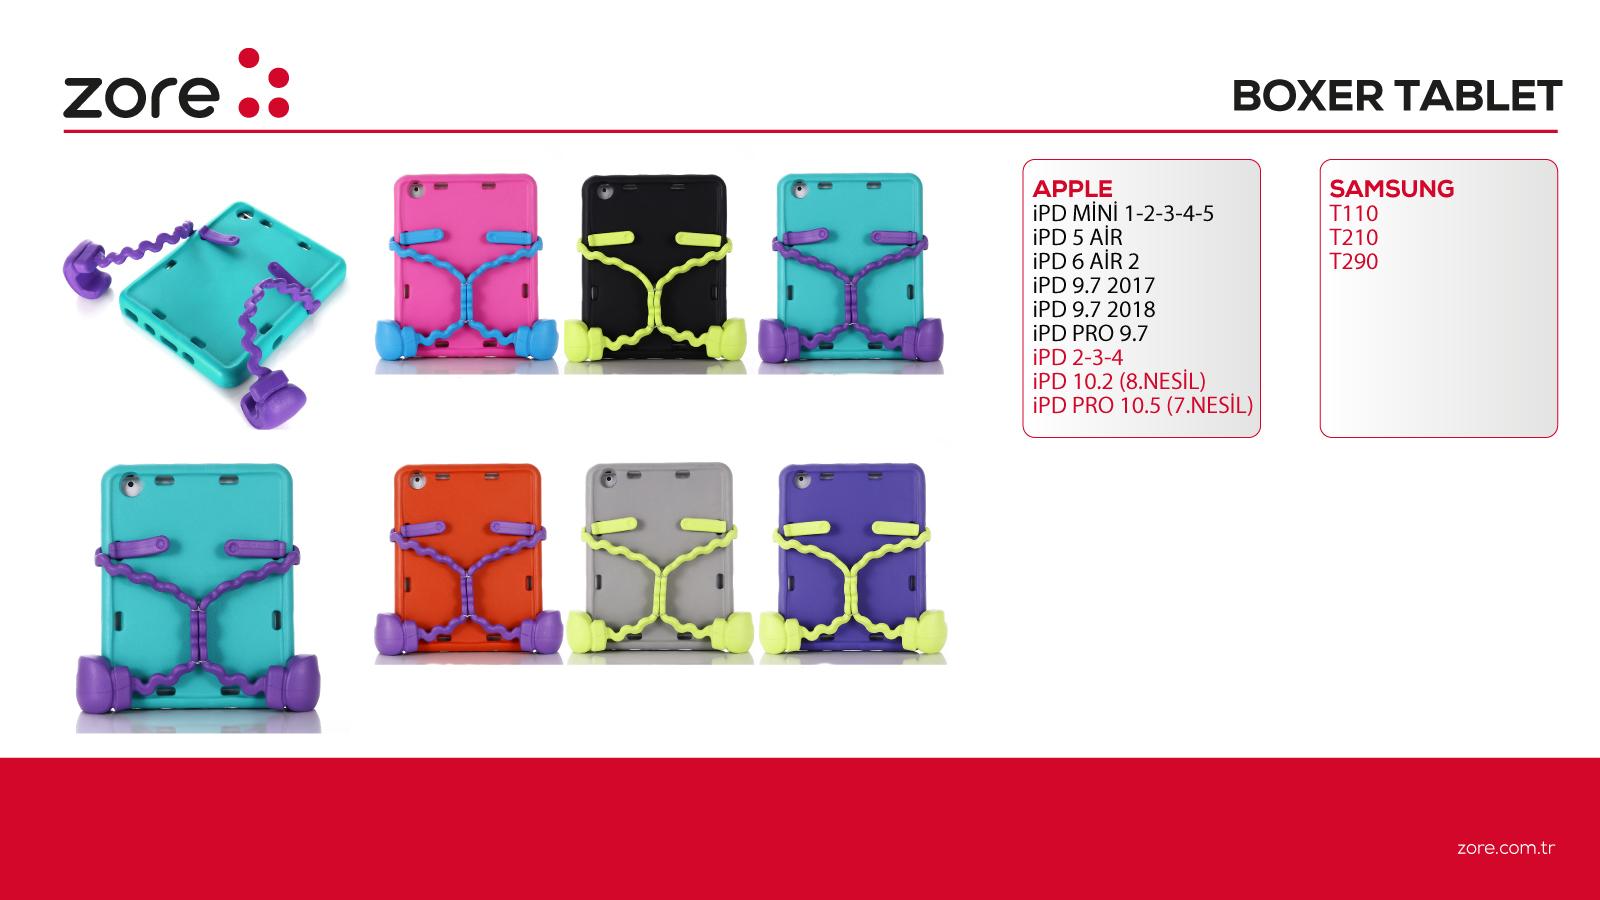 eva boxer tablet.jpg (405 KB)